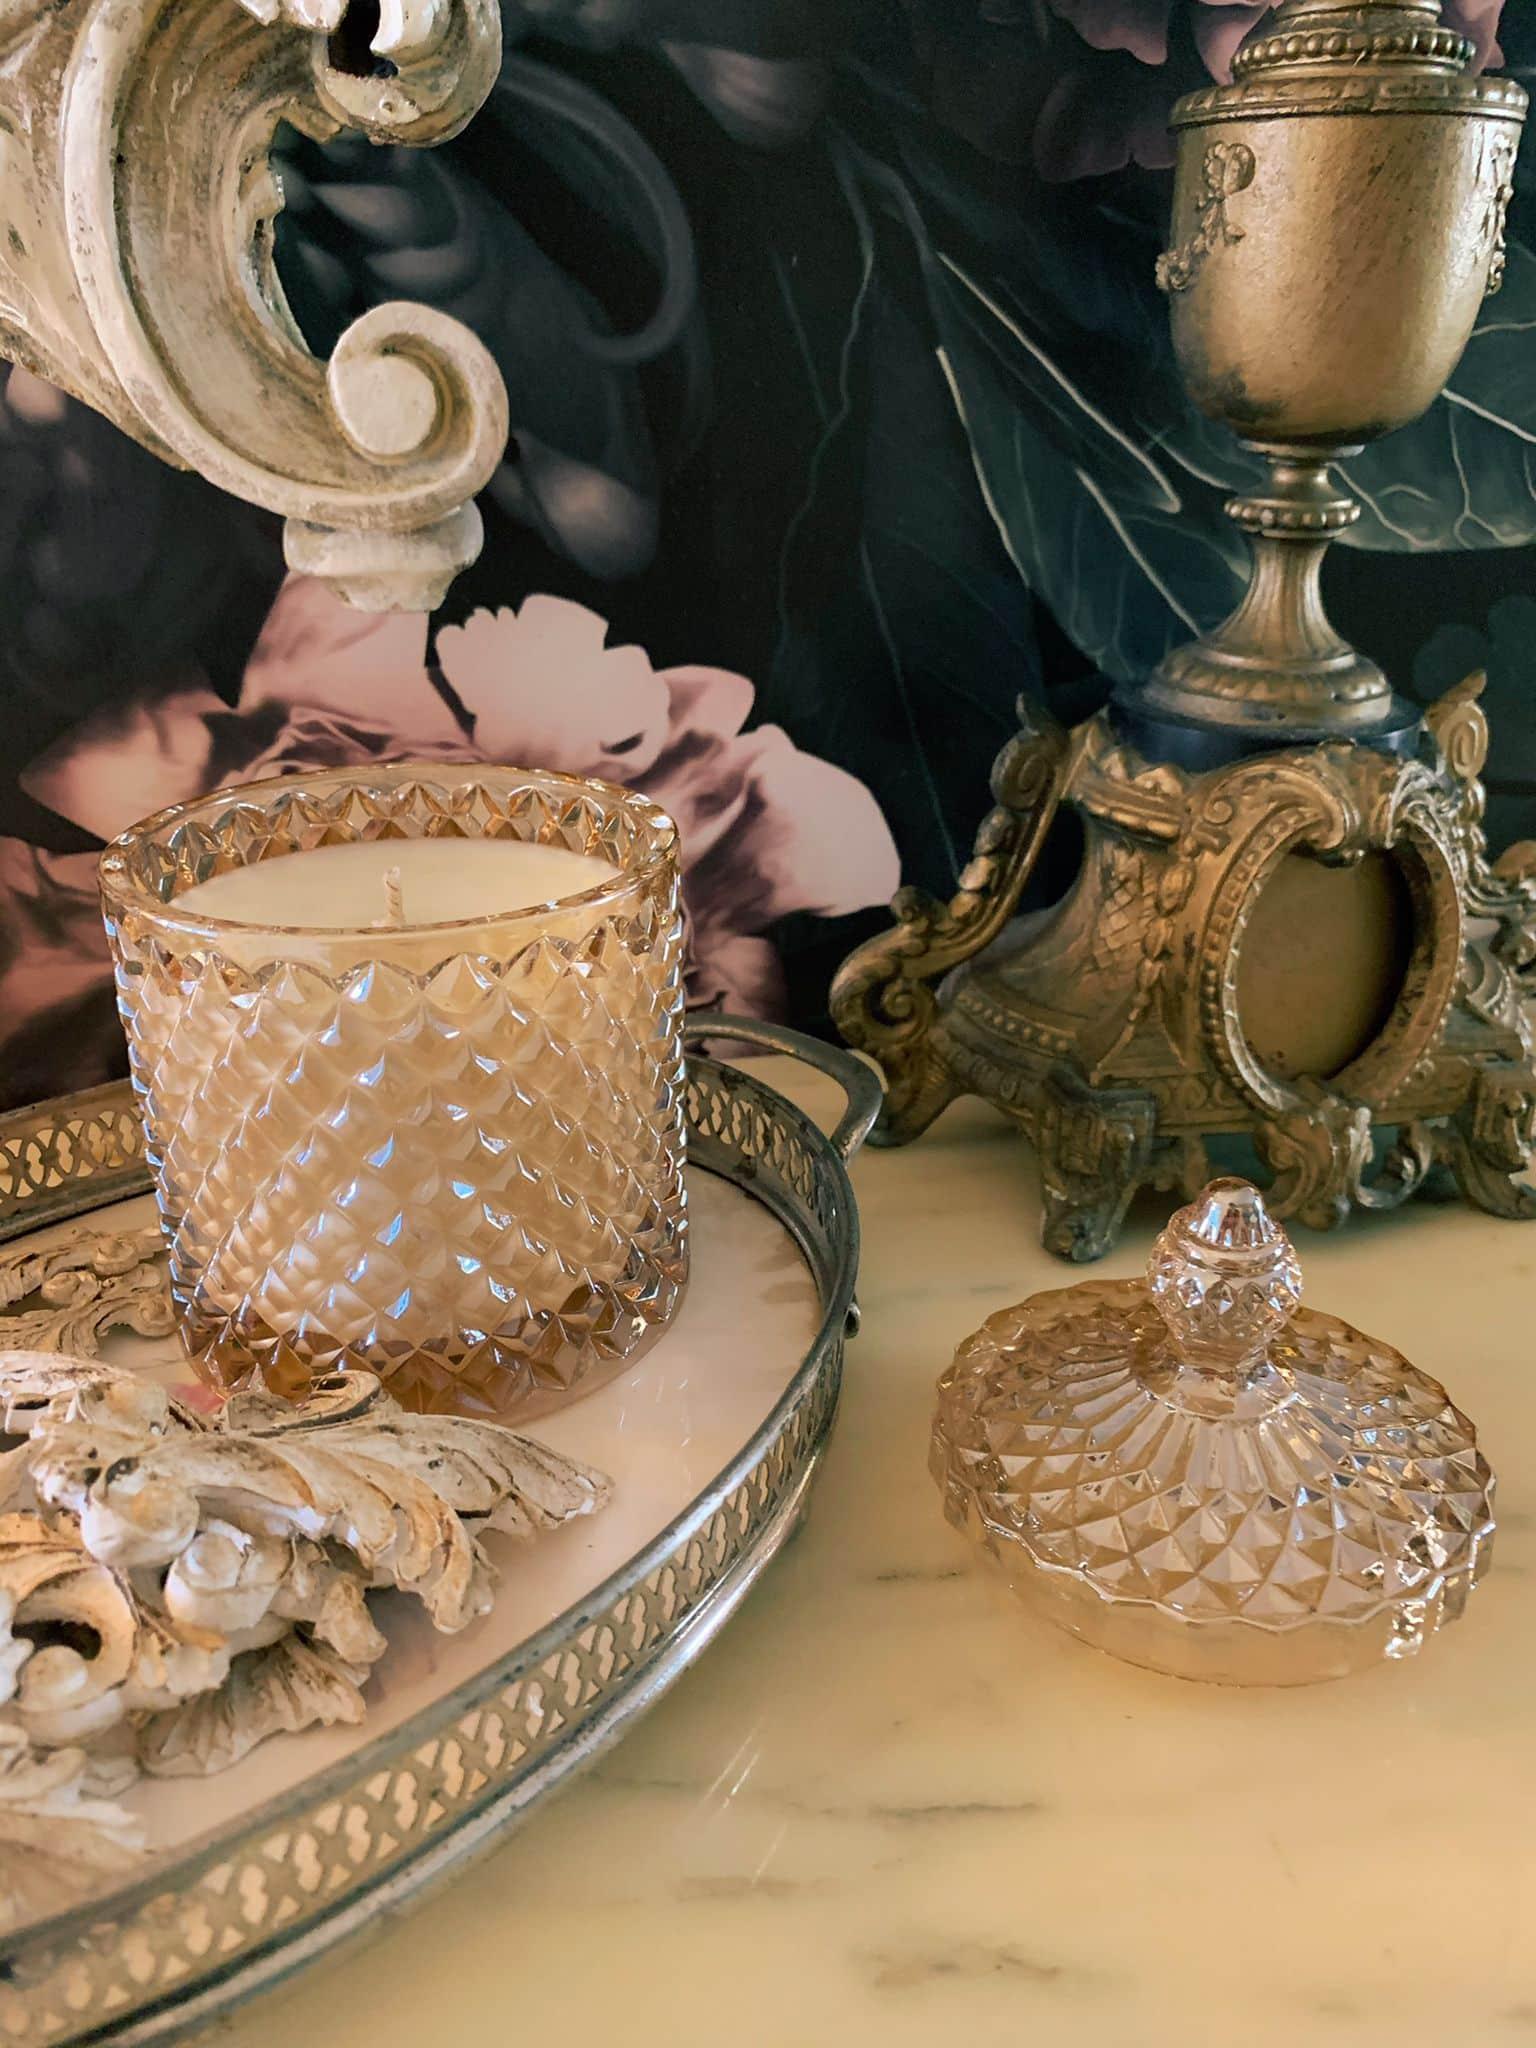 oro di bacco candela al vino cera di soia